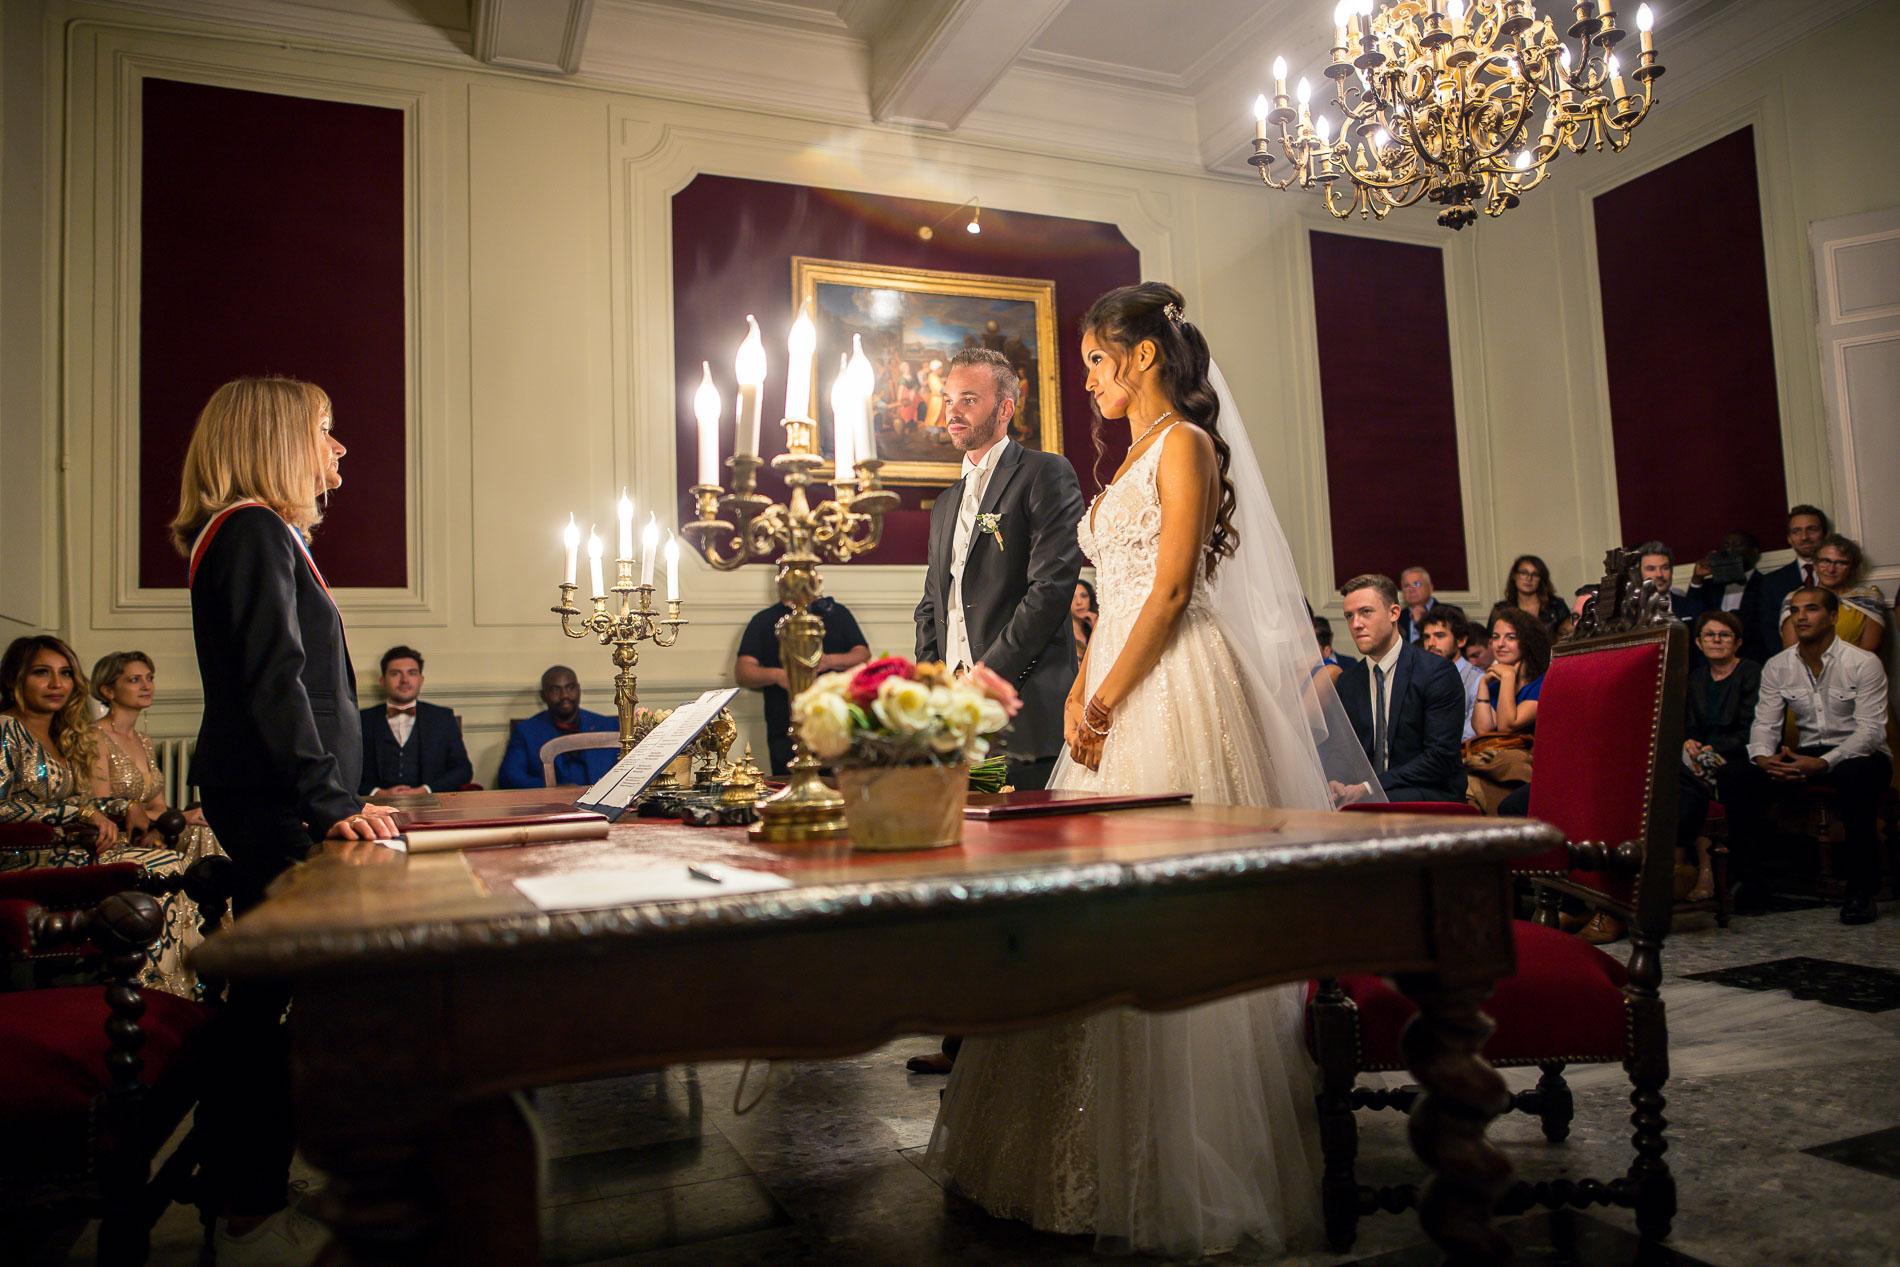 photographe-mariage-carcassonne-73